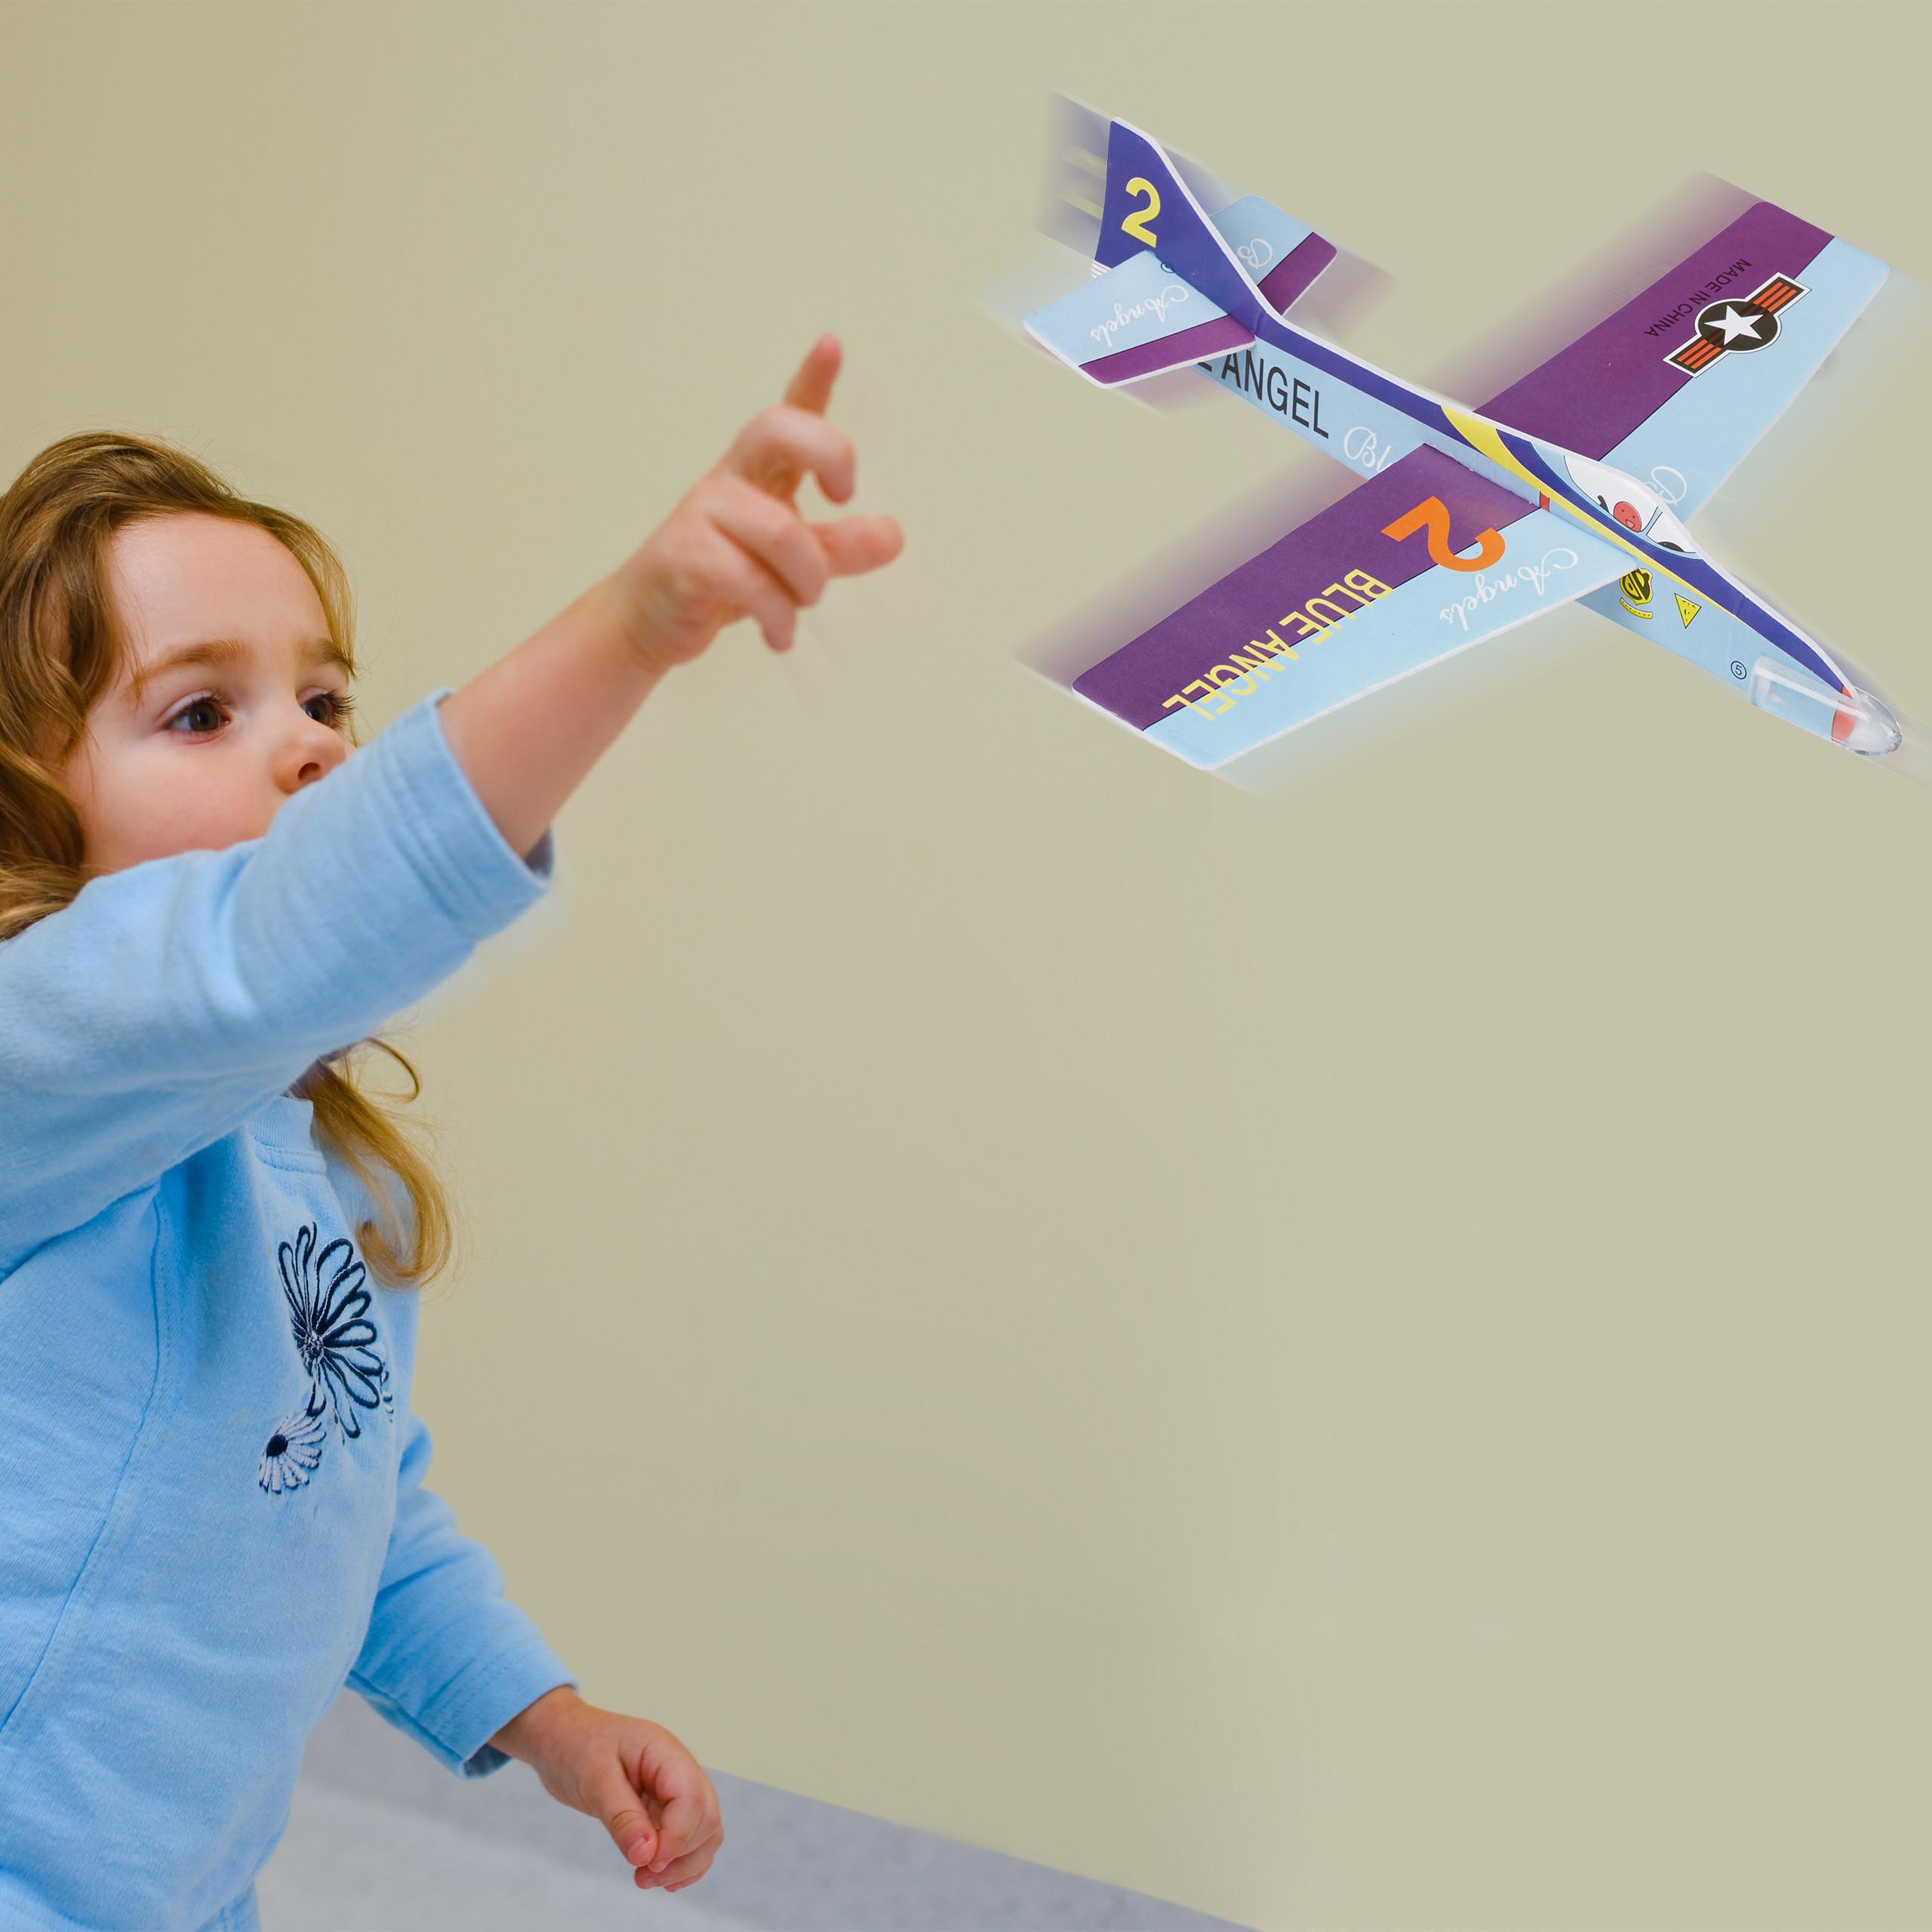 Styroporflieger Styropor Flugzeug Flieger 20cm gem Modelle Glider Spielzeug